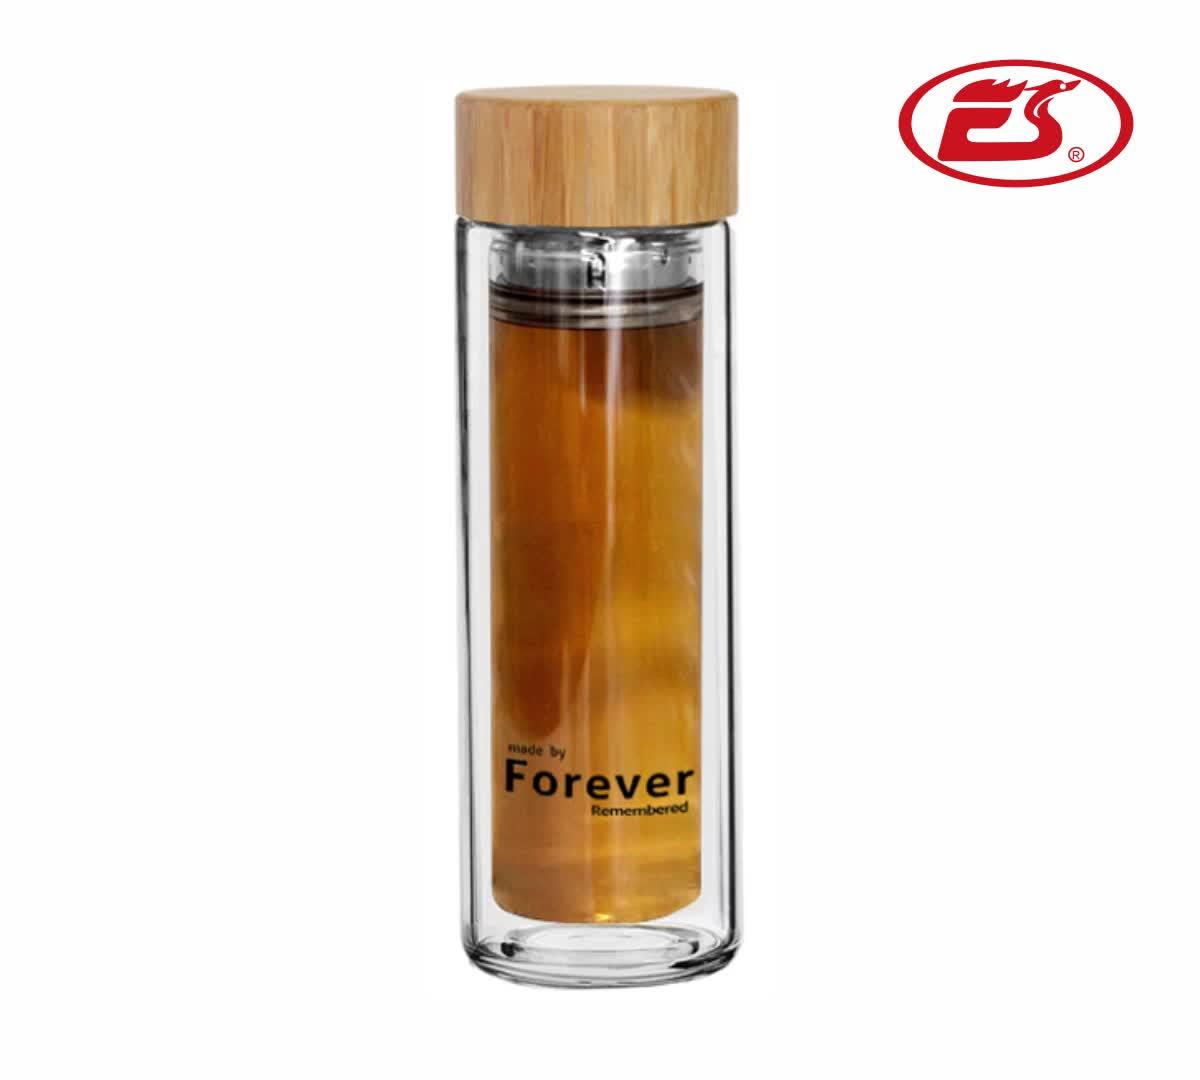 Benutzerdefinierte lasergravur logo auf bambus deckel glas tee flasche mit edelstahl teesieb